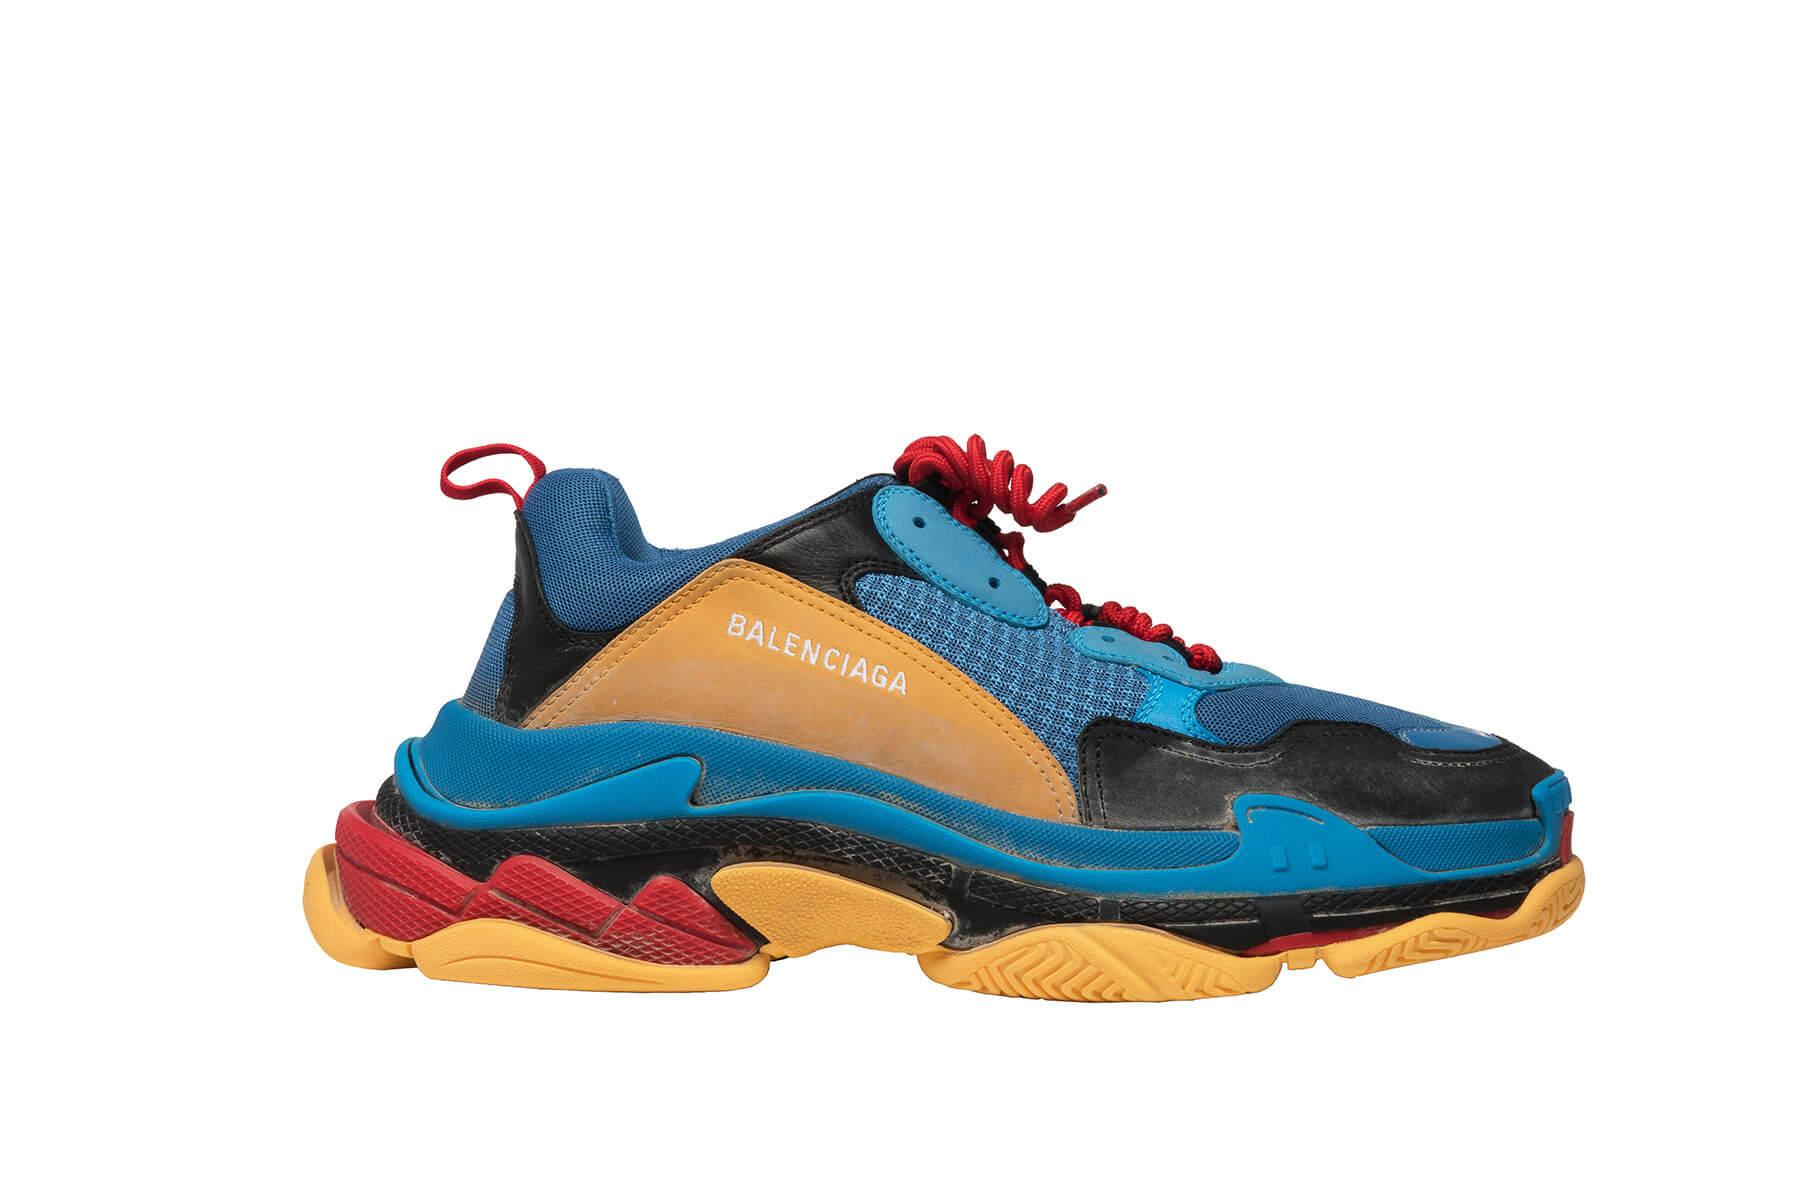 Zapatillas deportivas Balenciaga